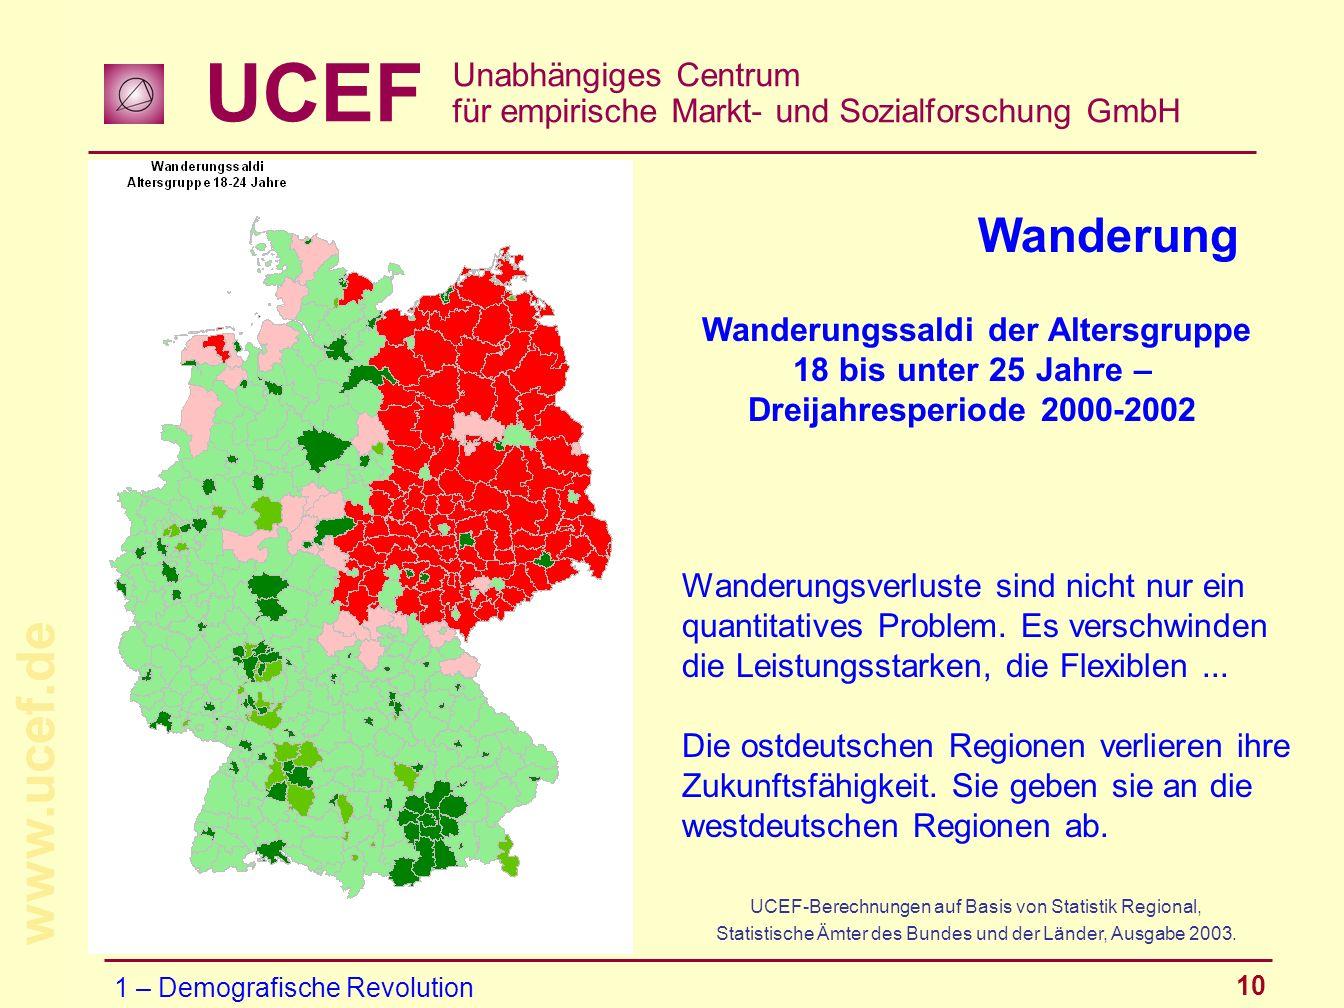 UCEF Unabhängiges Centrum für empirische Markt- und Sozialforschung GmbH www.ucef.de 10 Wanderungssaldi der Altersgruppe 18 bis unter 25 Jahre – Dreij